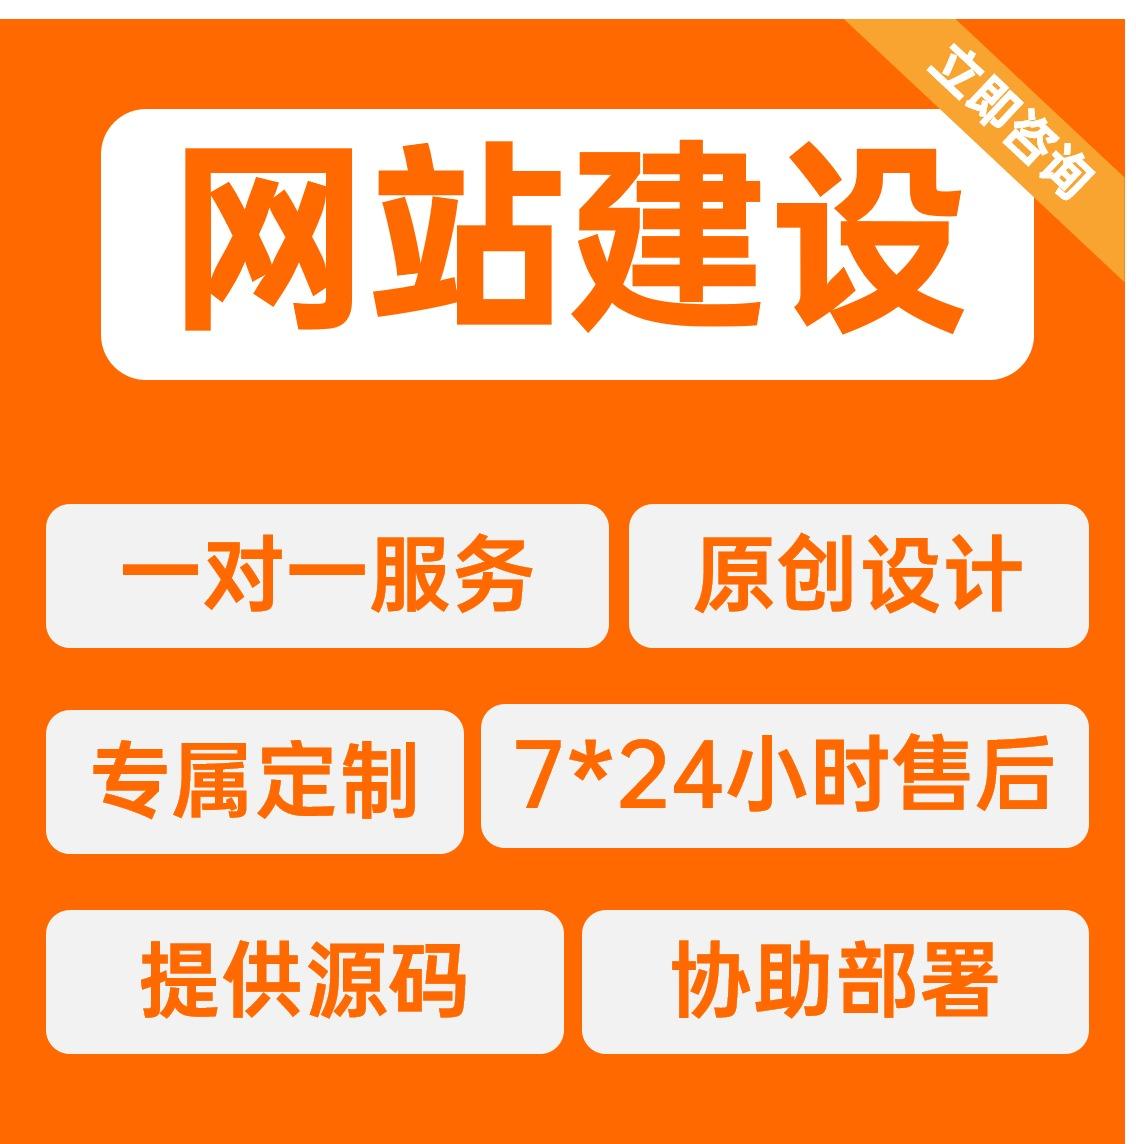 企业门户官网团购外贸众筹社交娱乐教育购物商城旅游网站开发